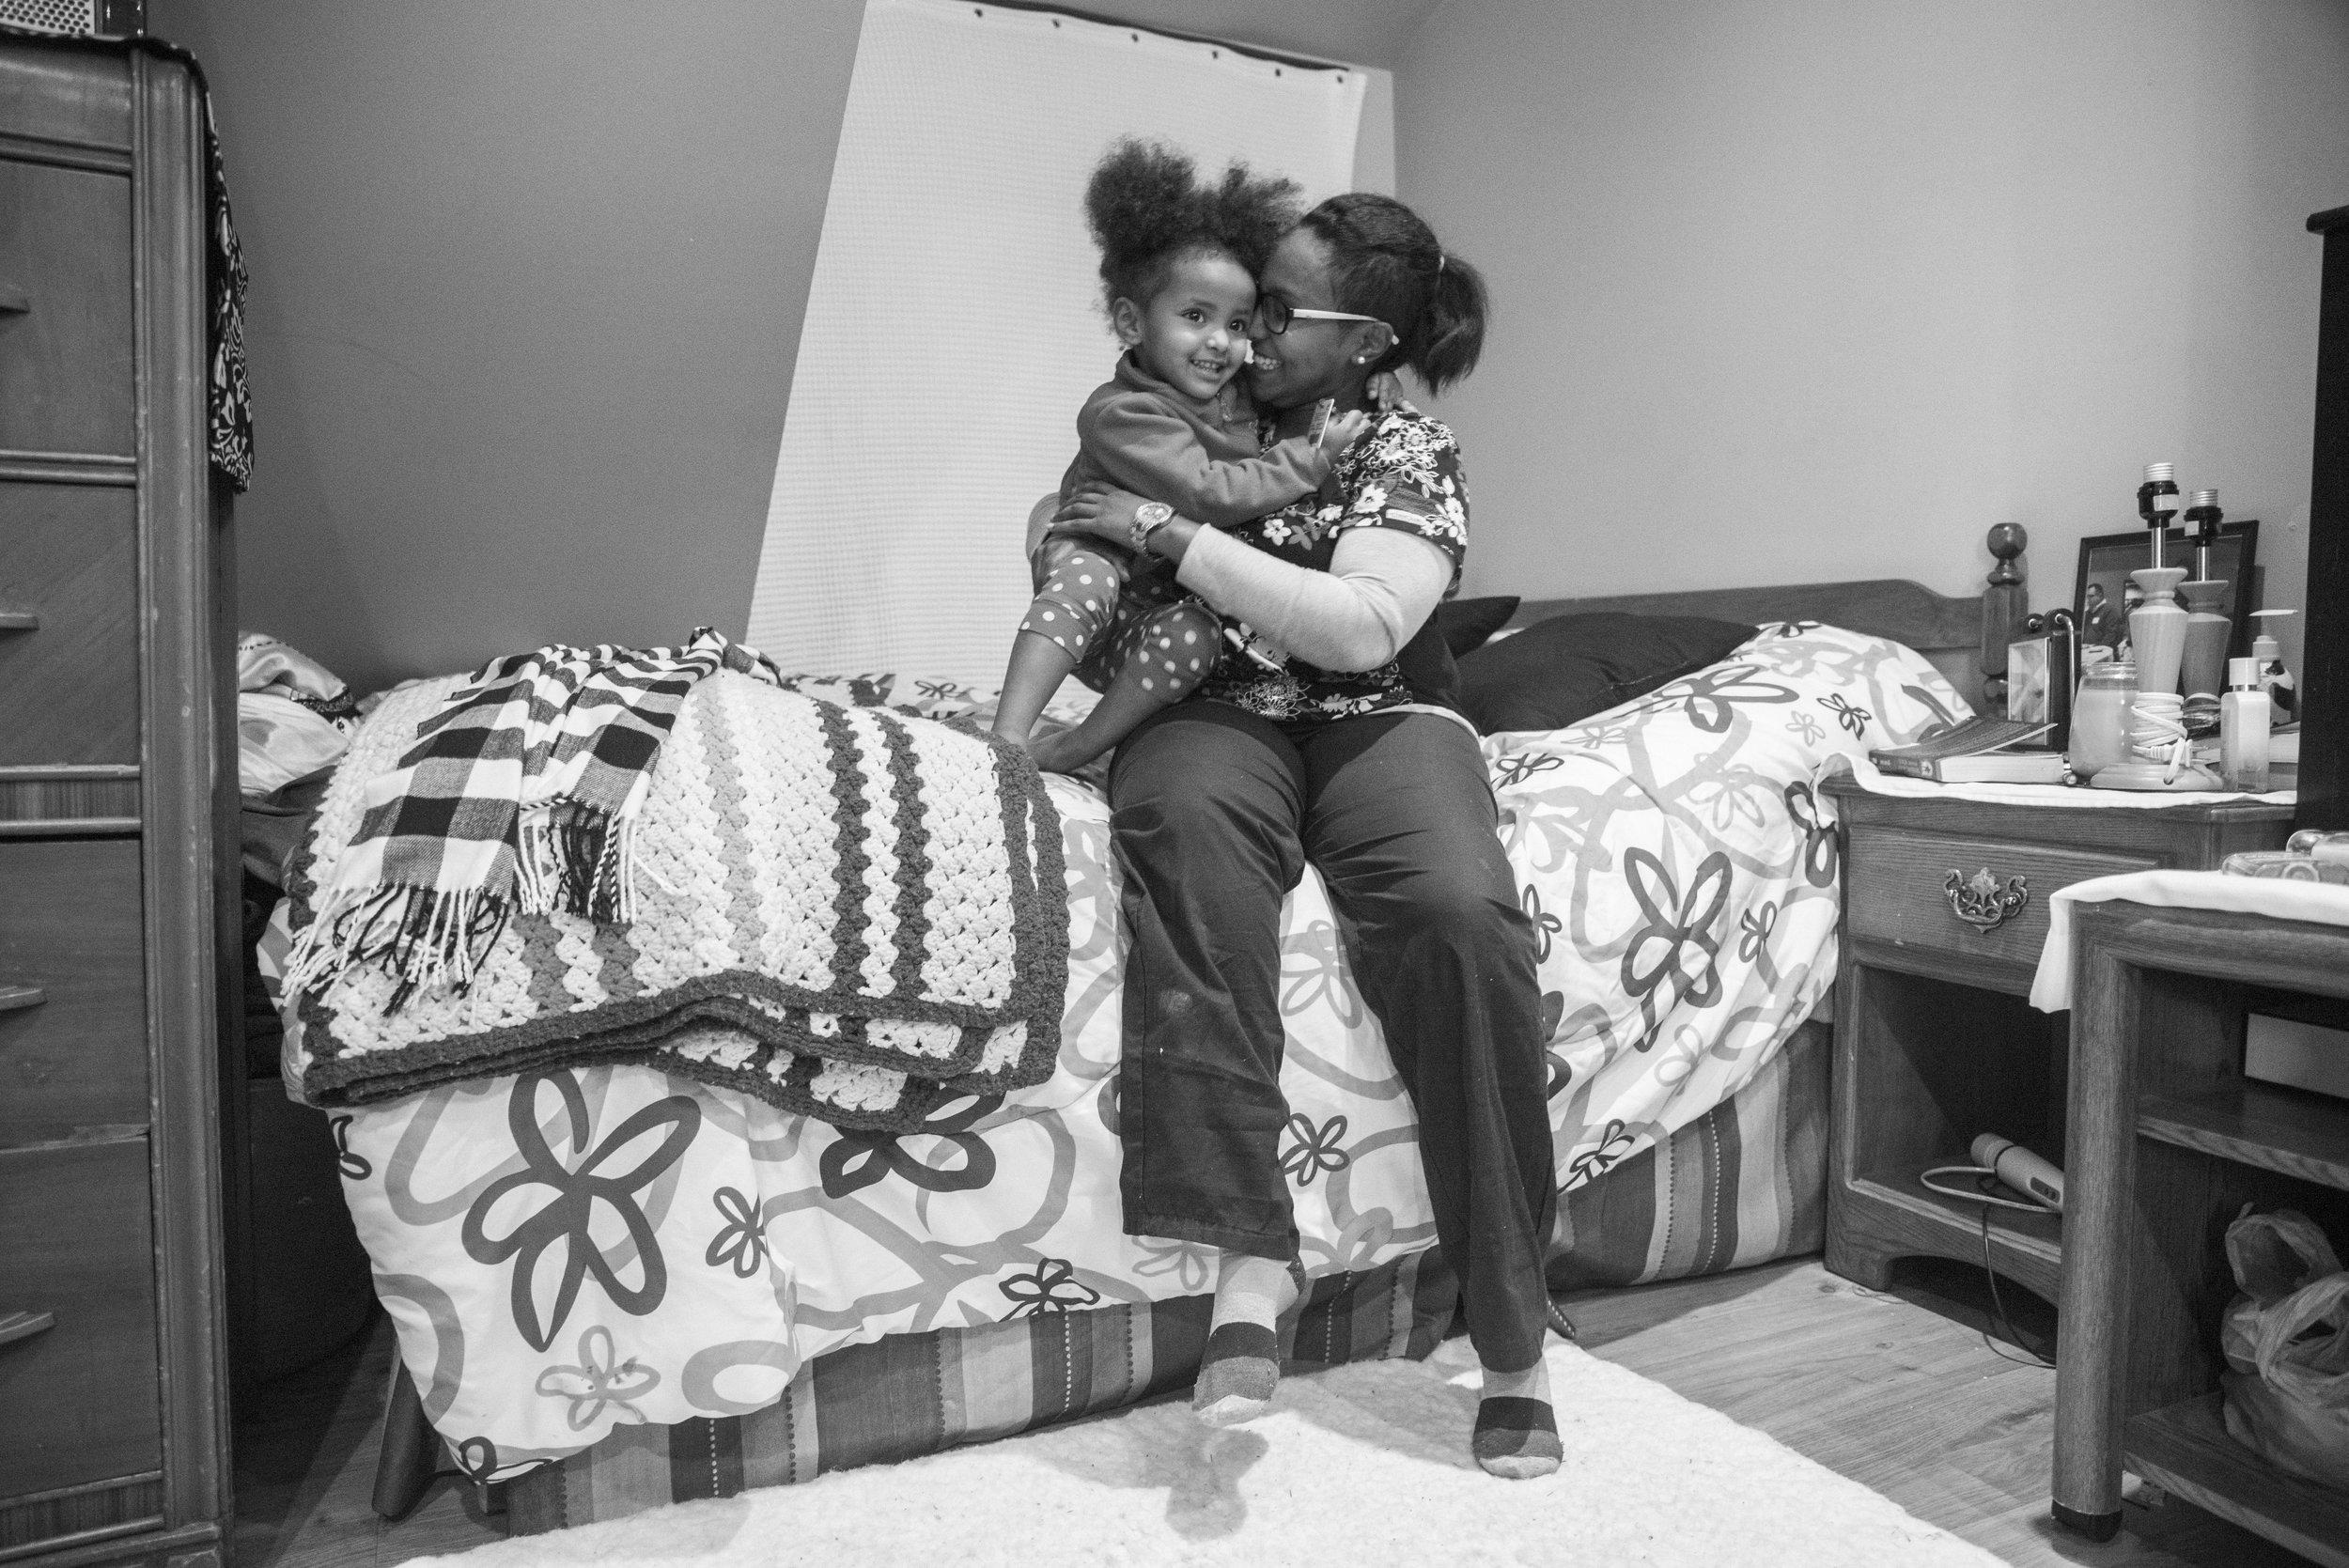 Dunia Hirsi embraces her daughter, Maya.